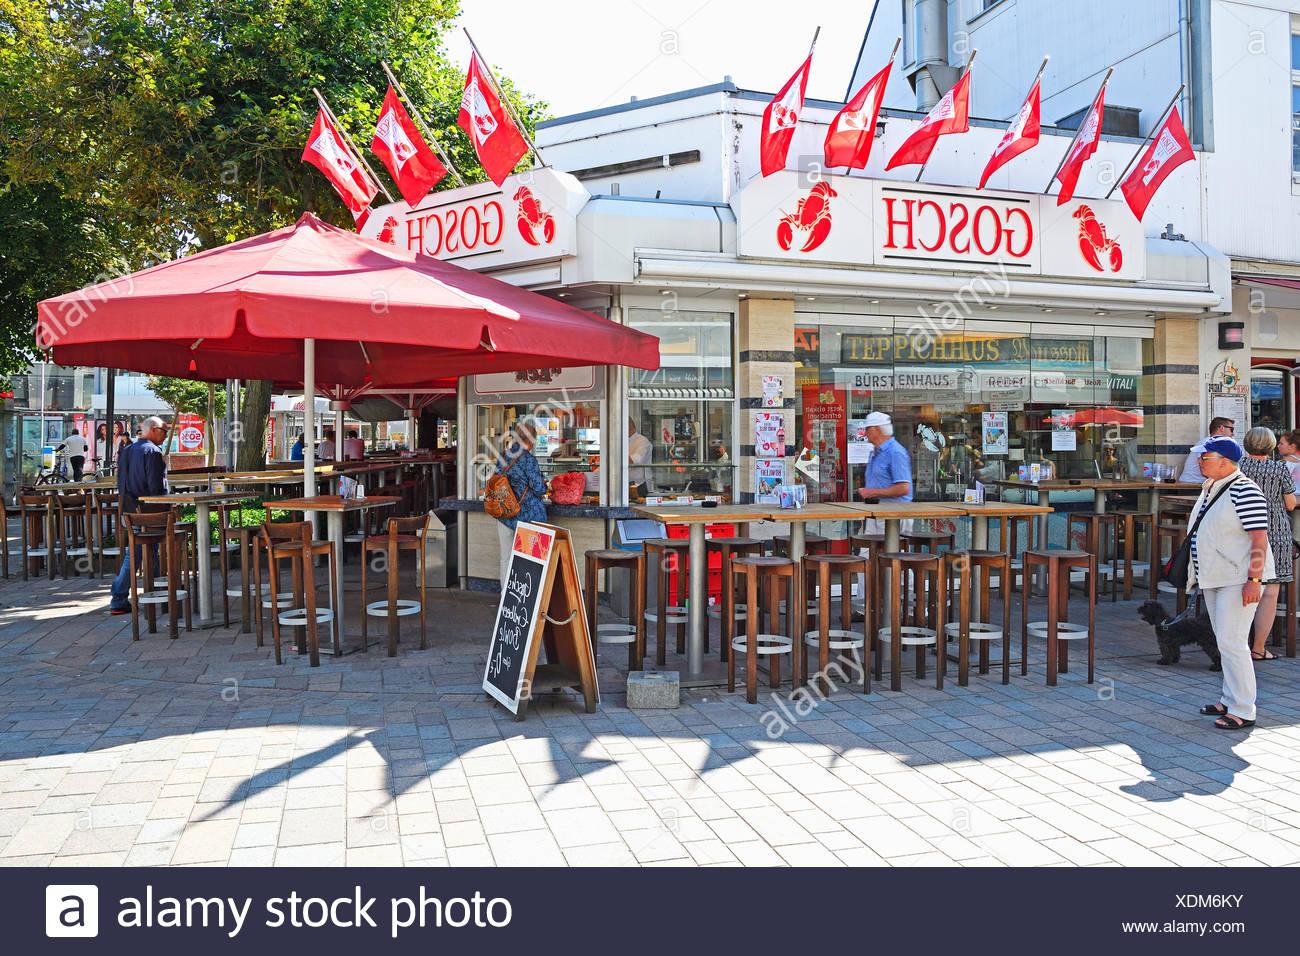 Firma Gosch Filiale der in der Friedrichstrasse en Westerland, Hauptseinkaufsstrasse, Sylt, nordfriesischer Inseln, Nordfriesland, Schleswig-Holstein, Deutschland Imagen De Stock